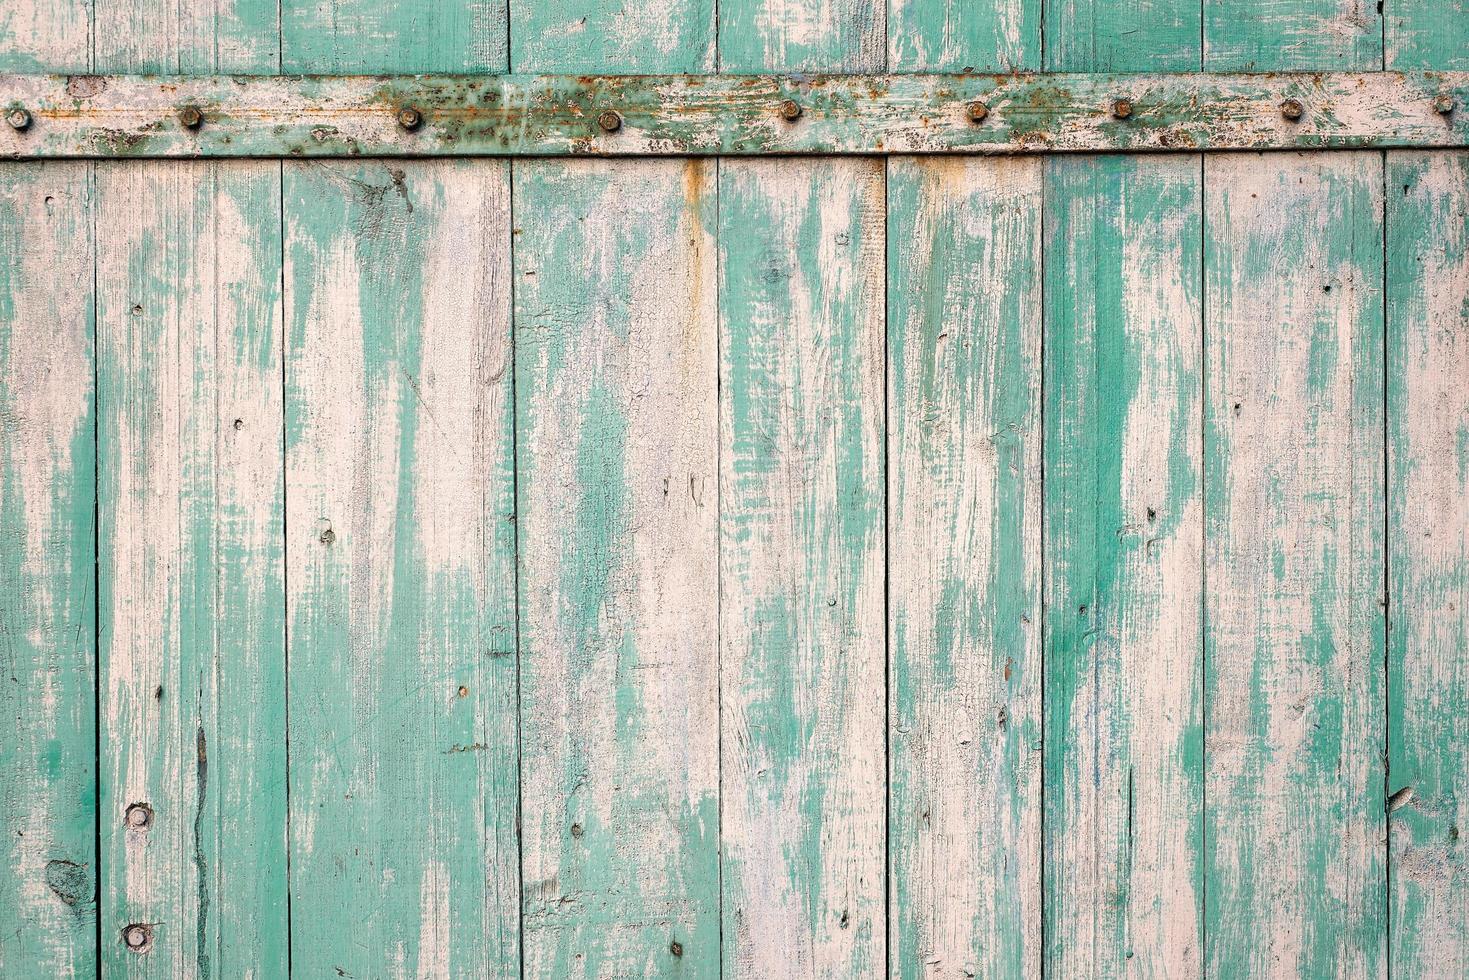 textuur van oud hout rustieke achtergrond met lichtblauwe verf peeling met roestige metalen elementen. foto